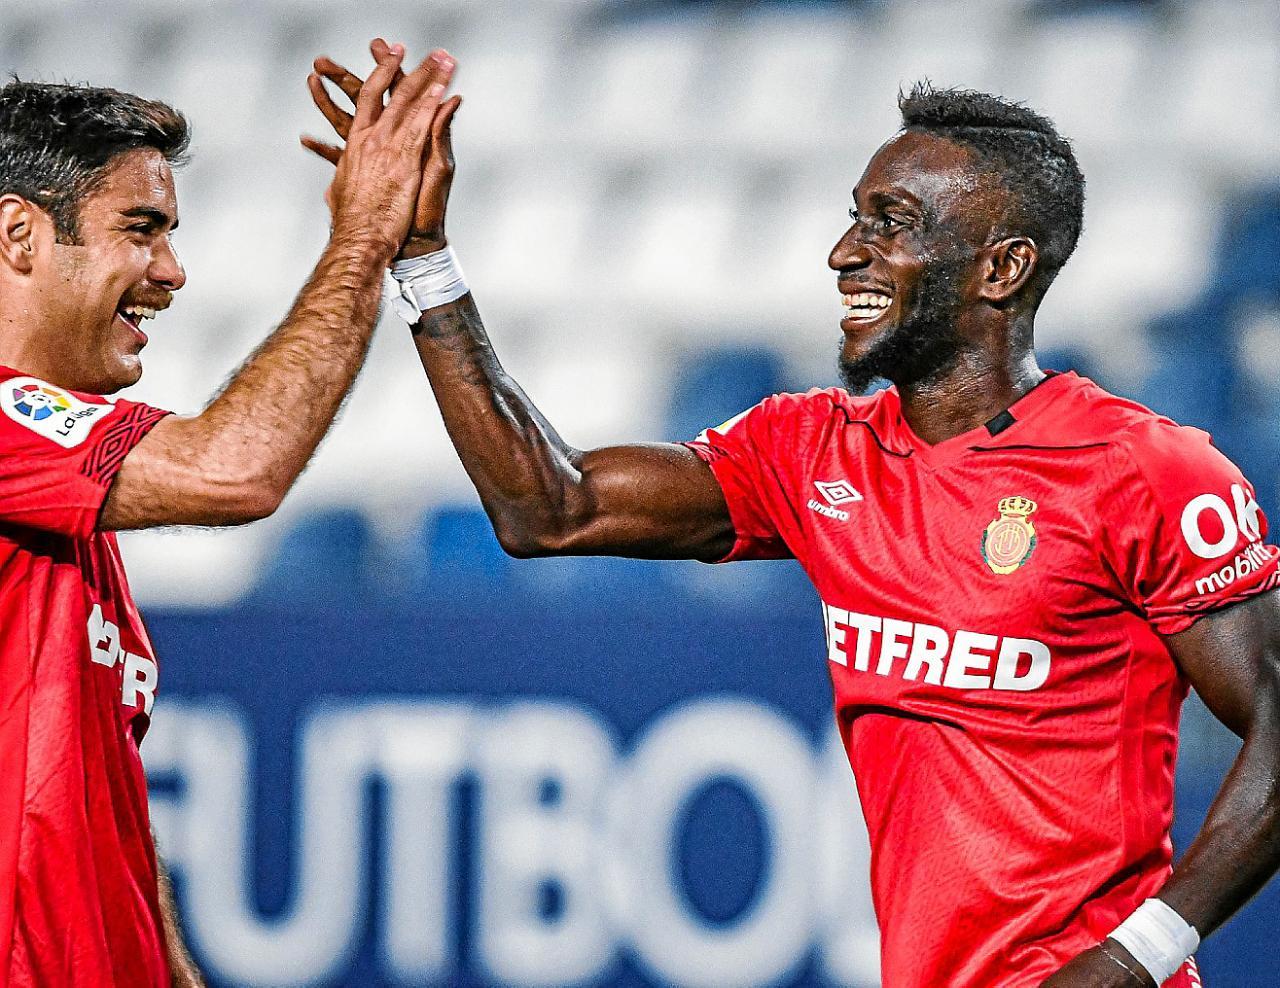 Abdon (L) congratulates Lago on his goal